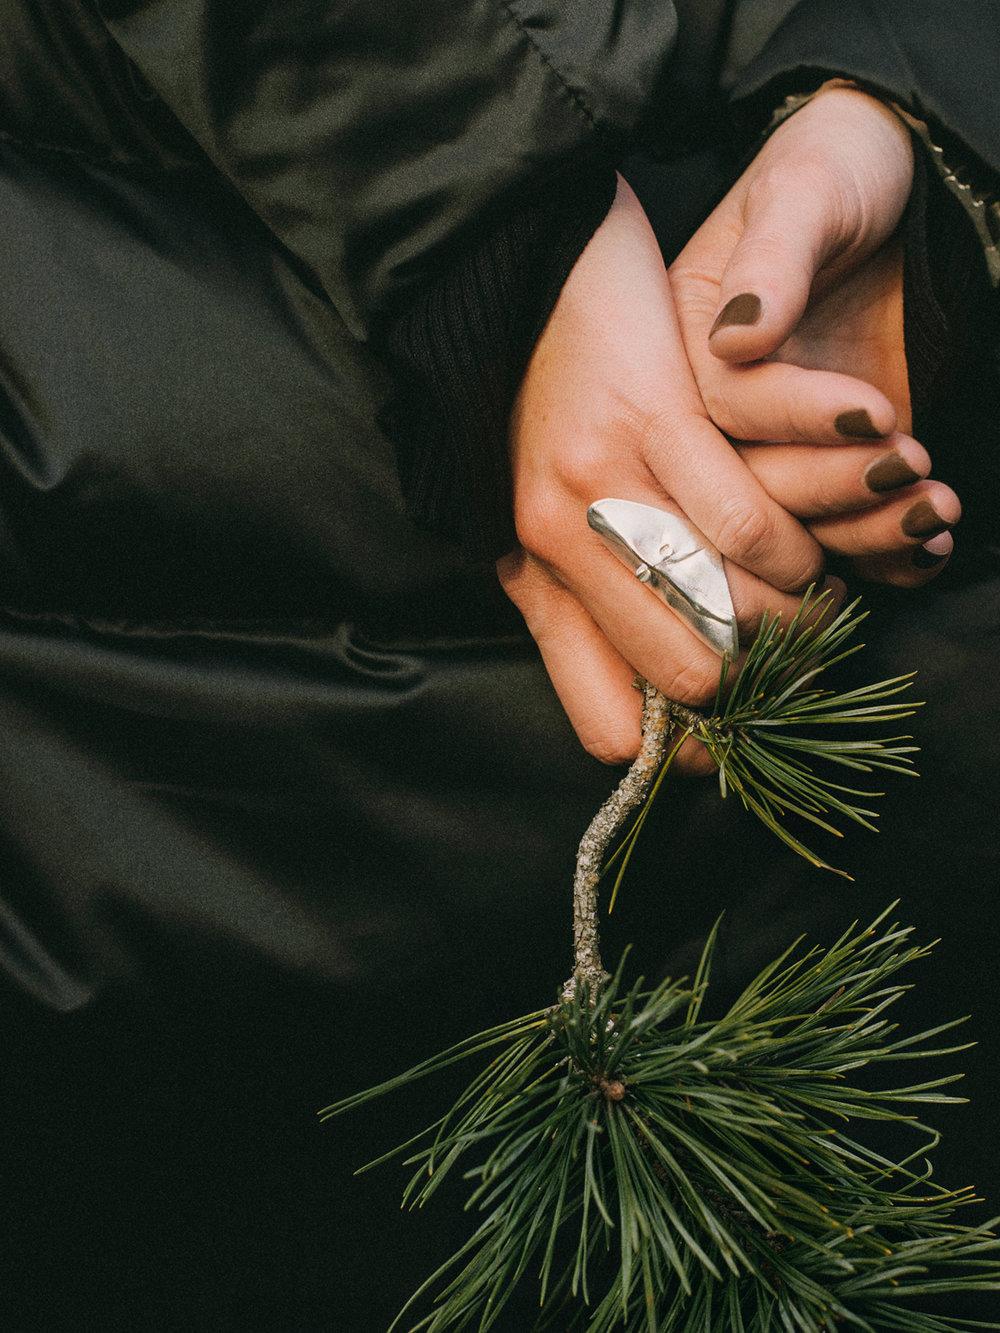 Jacket ZARA, Jewellery Kalevala